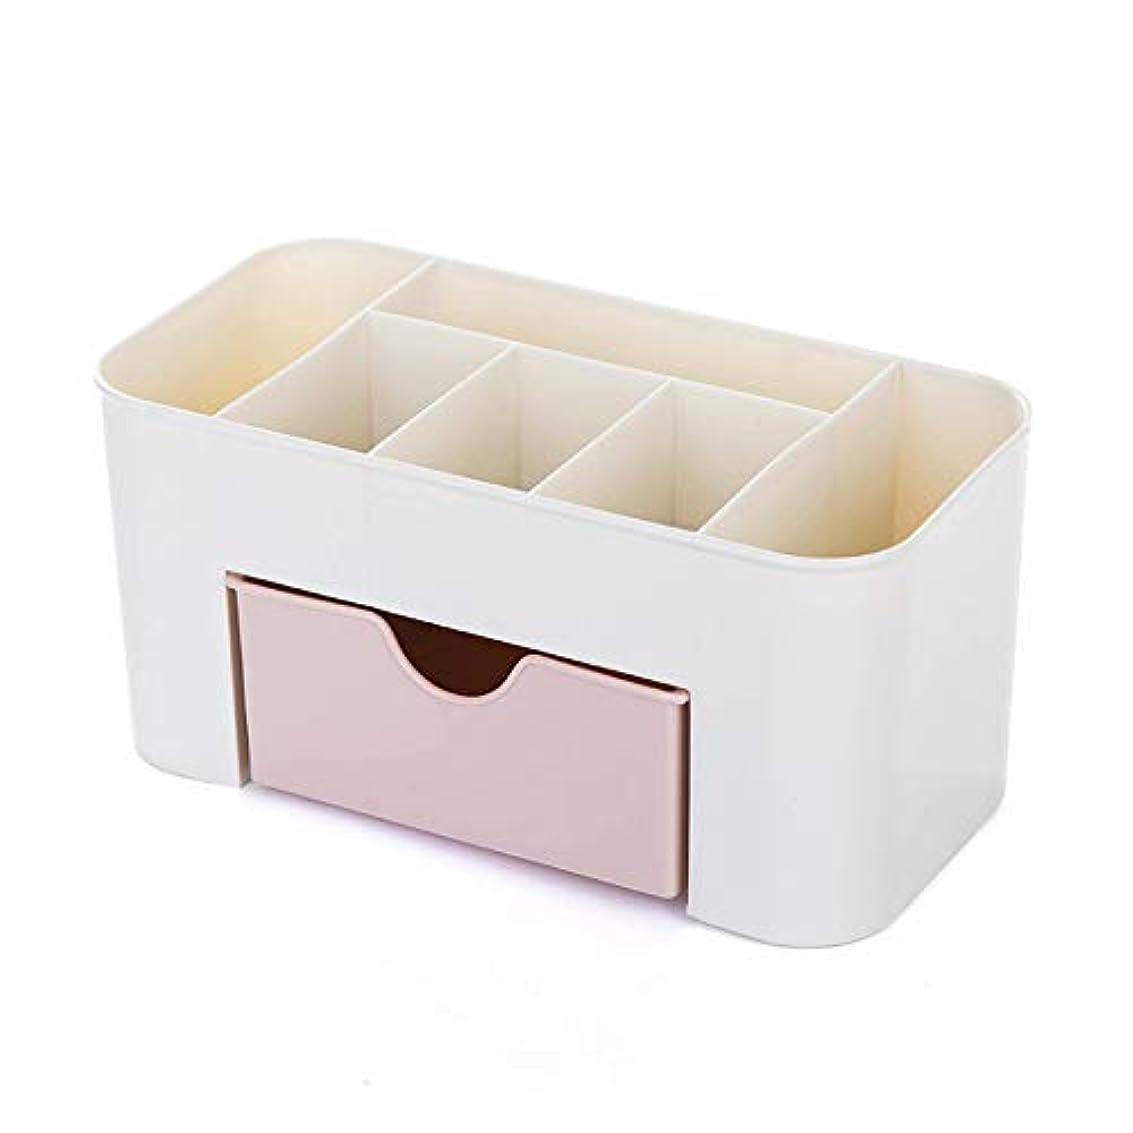 存在する小切手作り上げるHJY スタッカブルと防水プラスチック化粧オーガナイザー、事務机文具収納ボックス化粧品ホルダー、大容量ジュエリーディスプレイケース (ピンク)